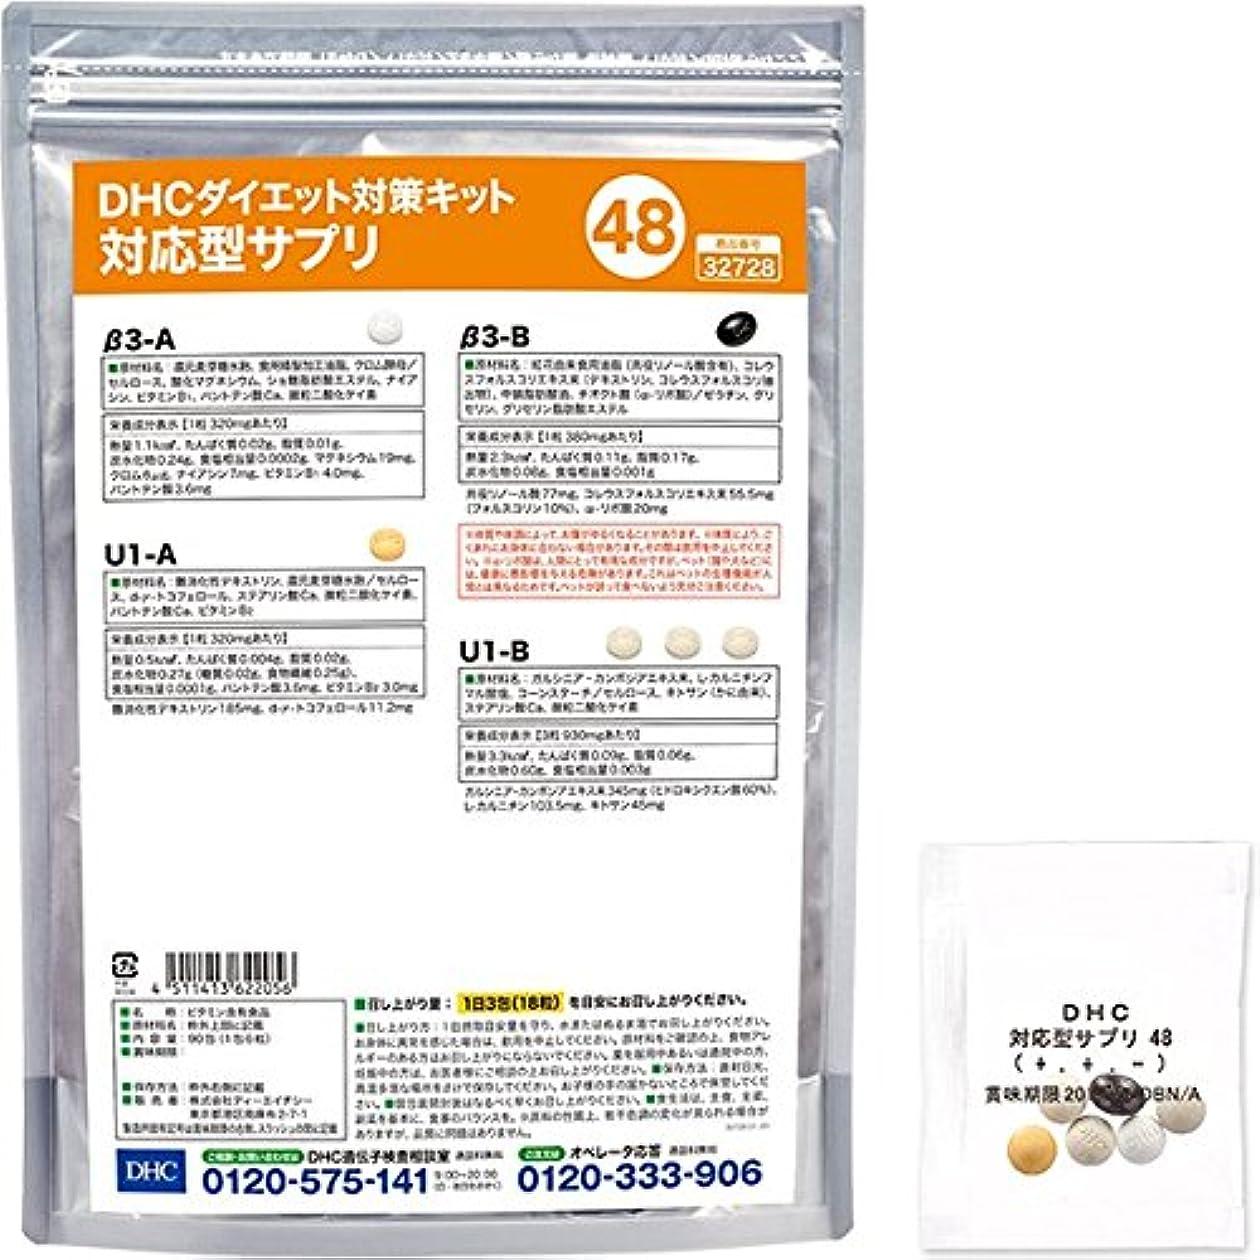 ヒューマニスティック梨神経衰弱DHCダイエット対策キット対応型サプリ48